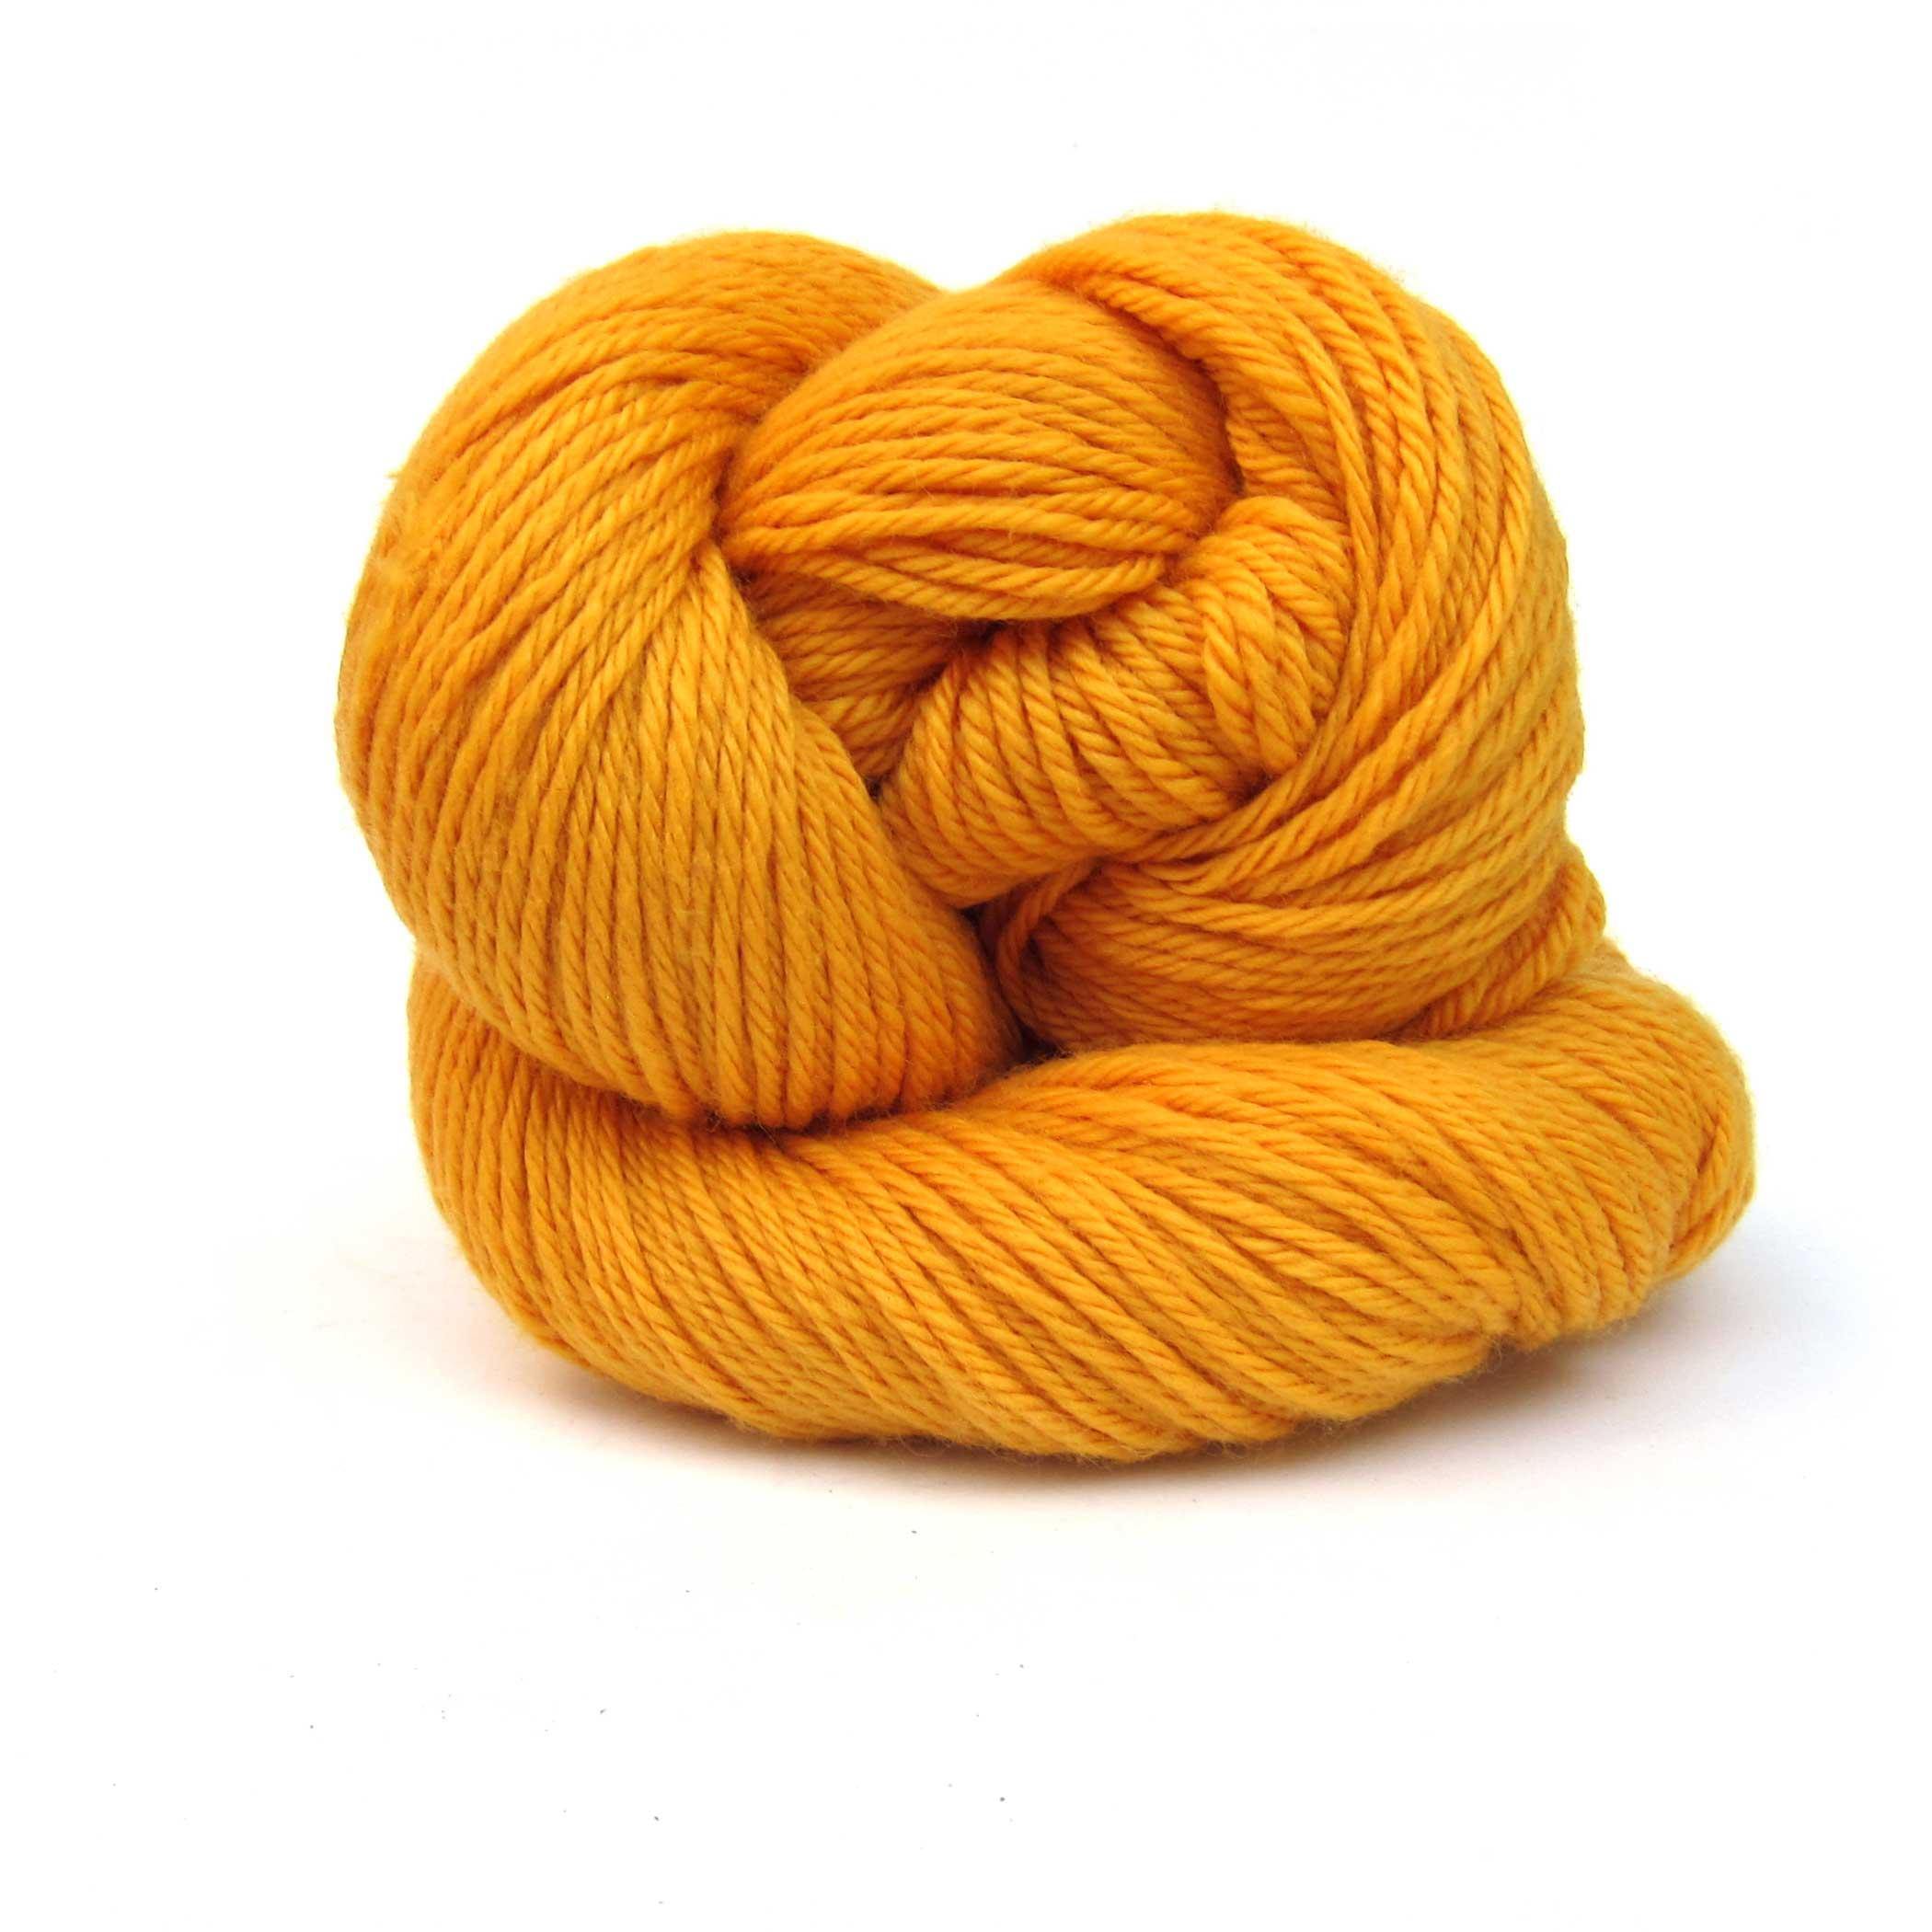 Clementine Louet Gems 100% Merino Superwash Yarn